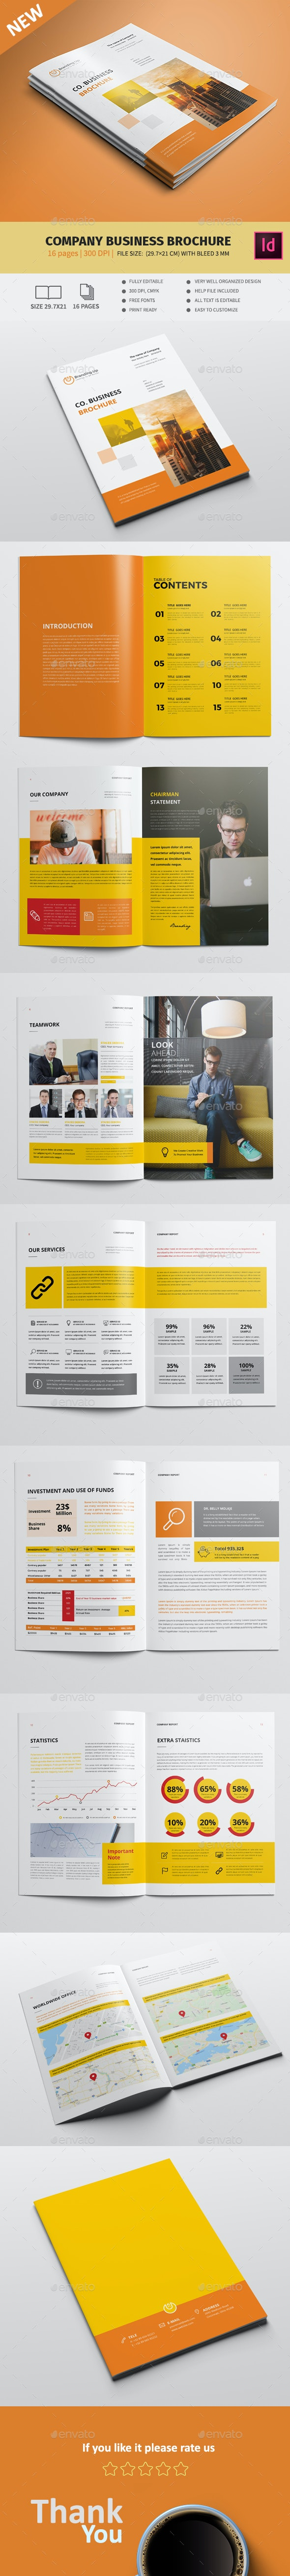 Co. Business Brochure - Corporate Brochures